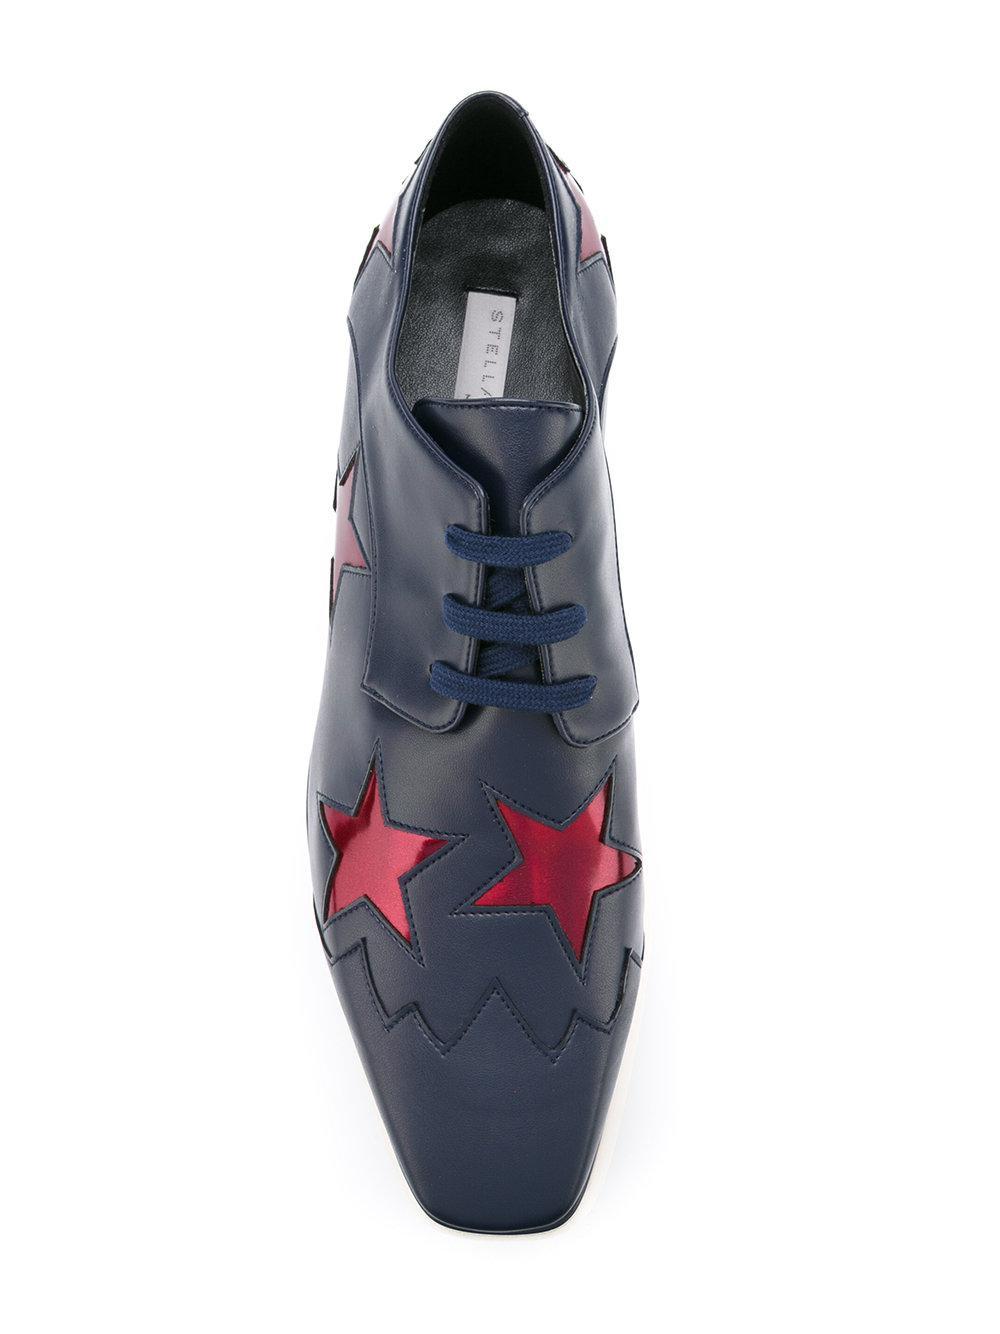 Stella McCartney Ruby star Elyse flatform shoes N9Cssb